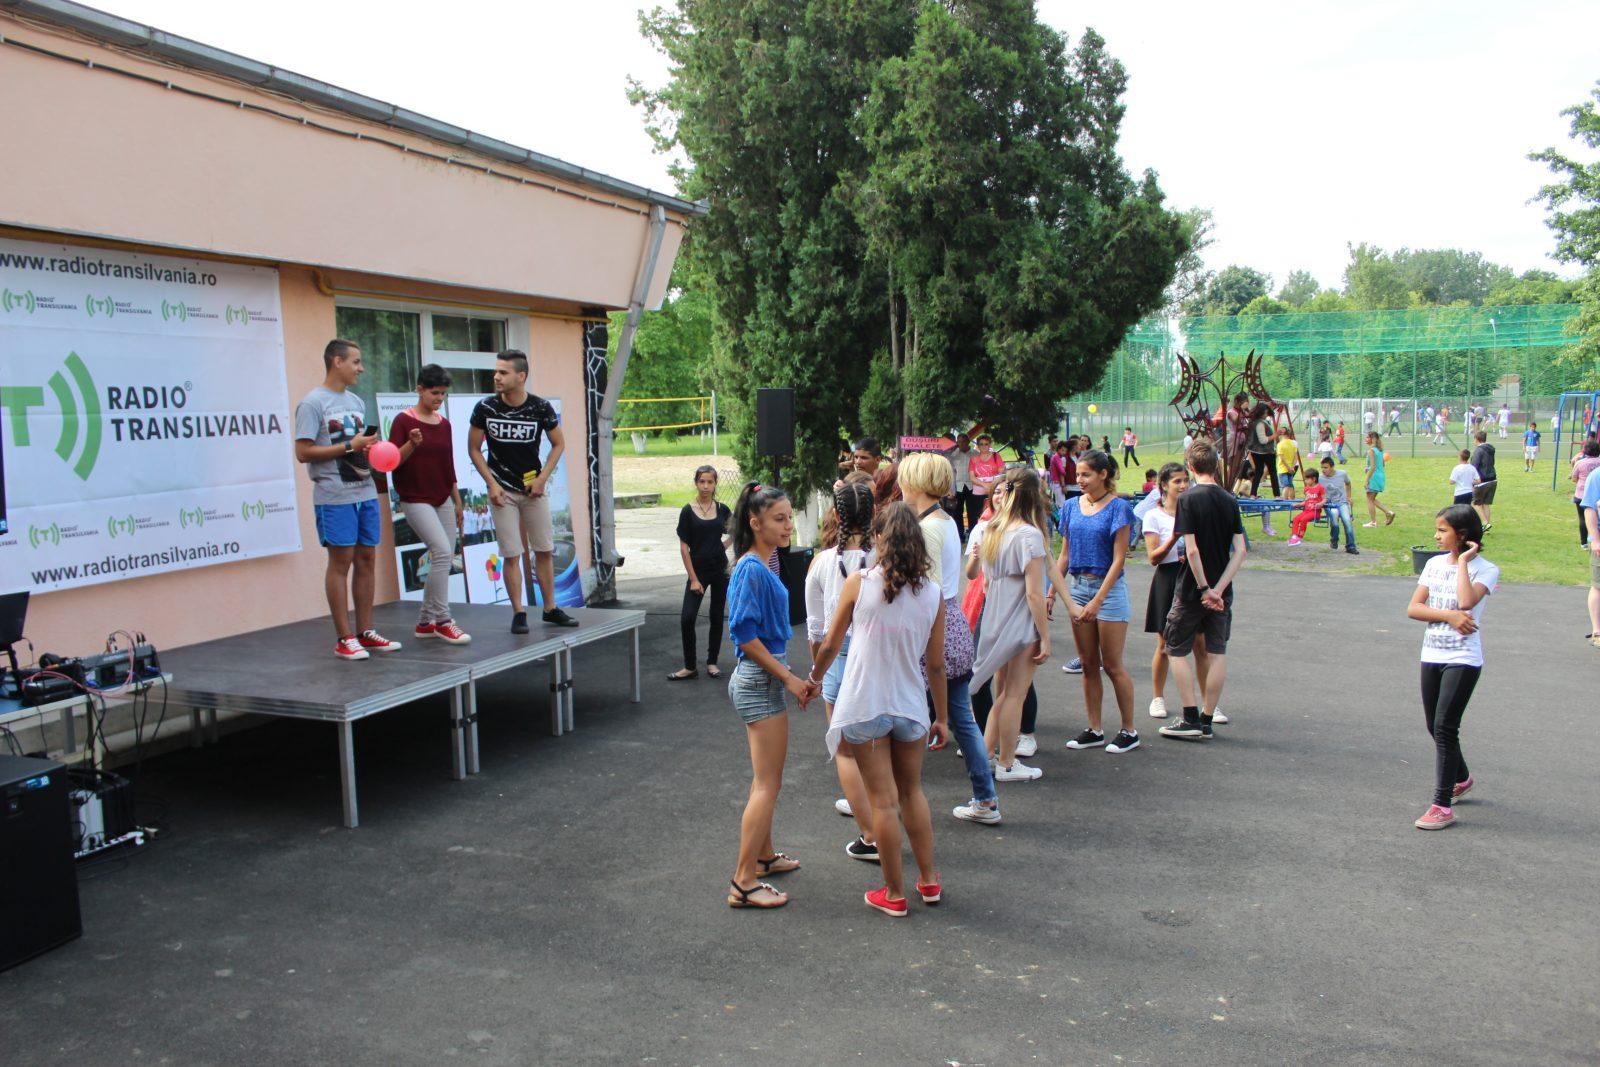 Több mint 300 gyermekotthonban lakó gyermek ünnepelt együtt